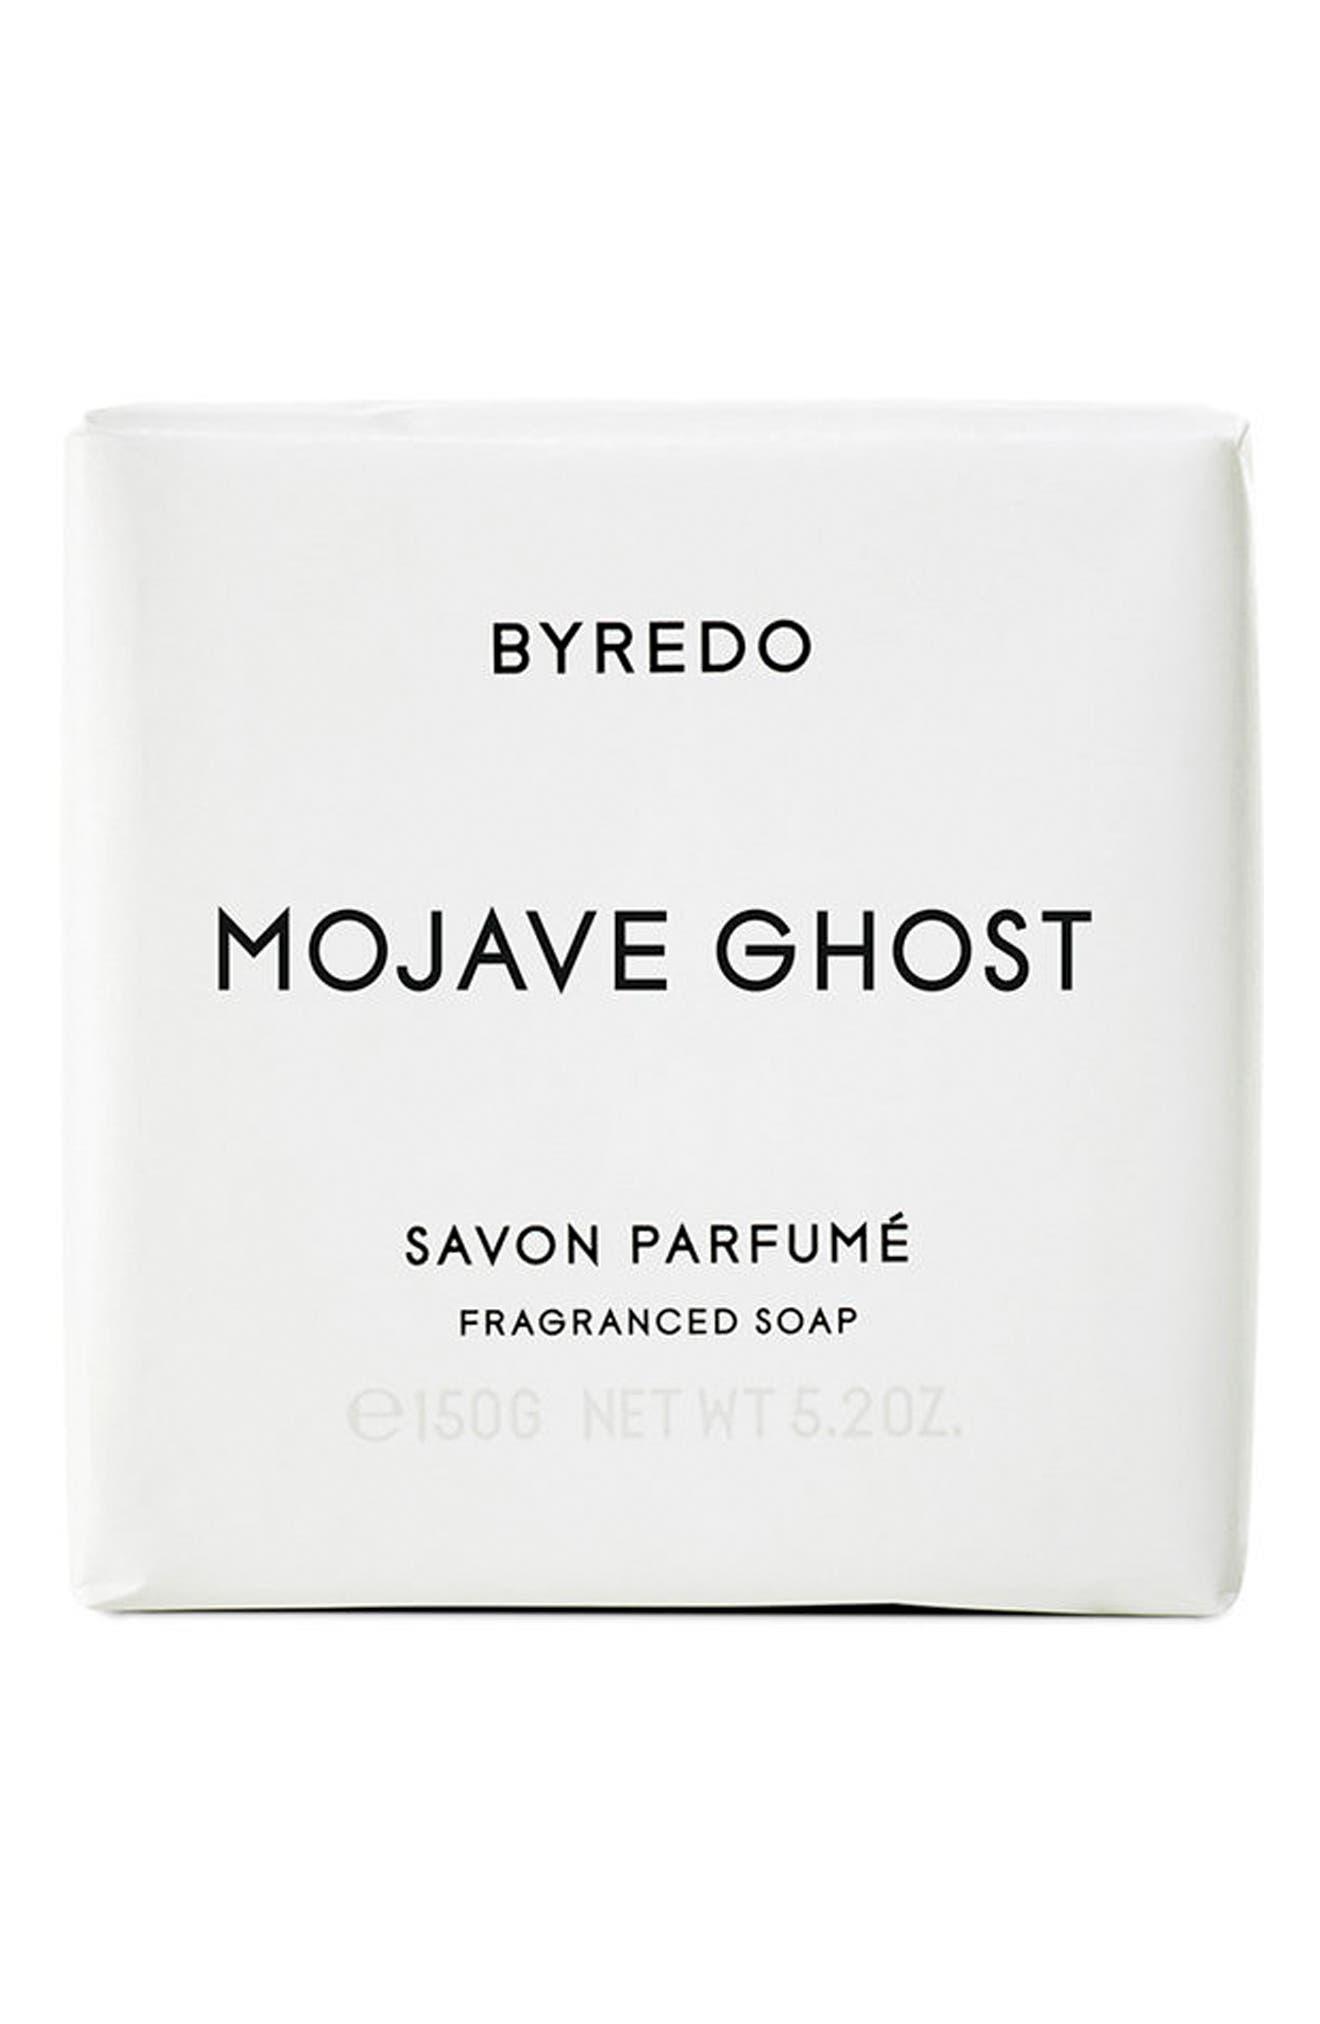 Mojave Ghost Soap Bar,                             Main thumbnail 1, color,                             NO COLOR